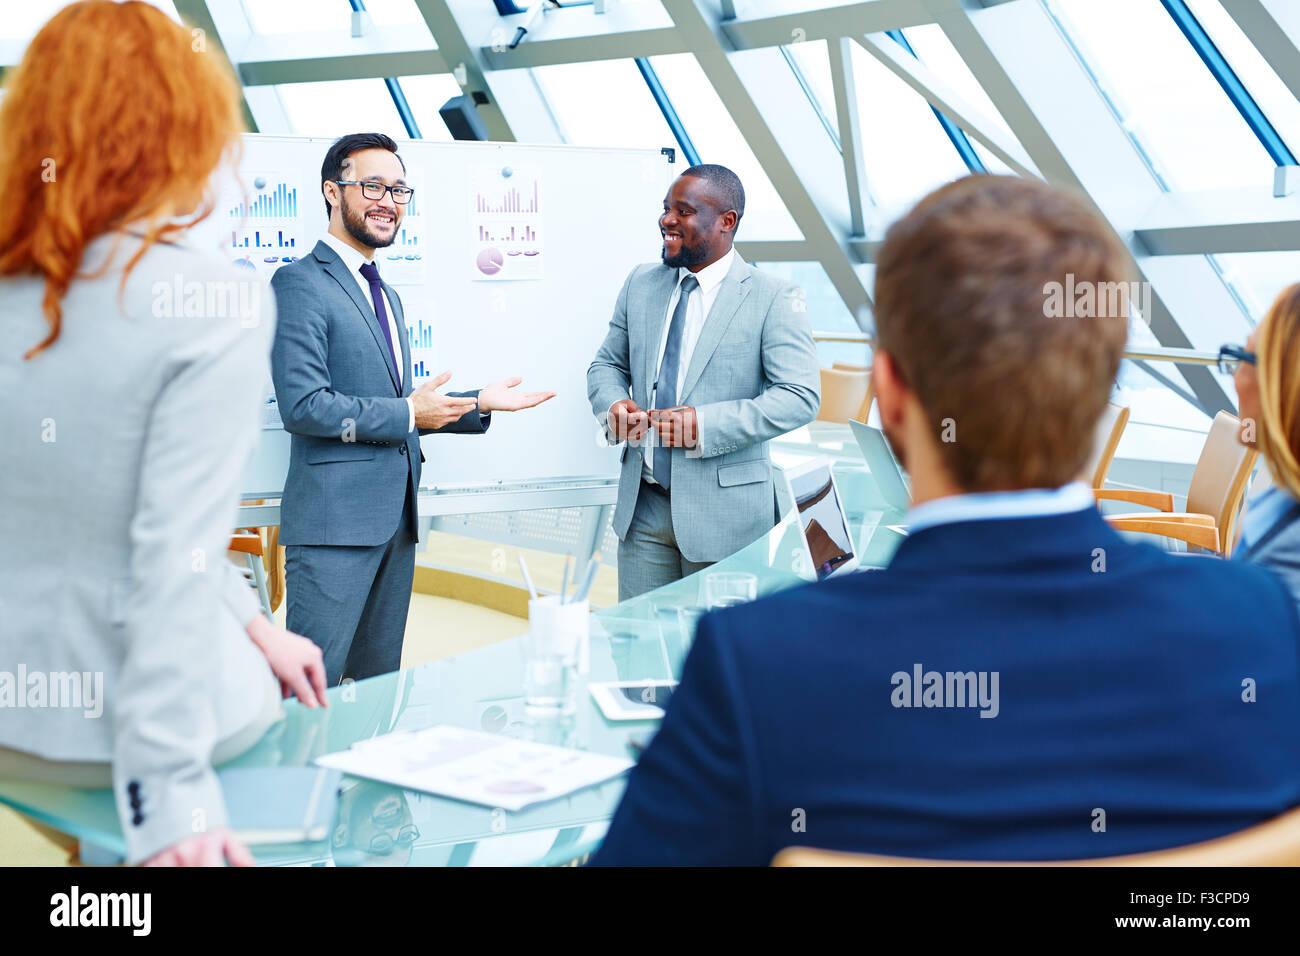 Asiatische Geschäftsmann präsentiert Kollegen ihre neuen Geschäftspartner Stockbild